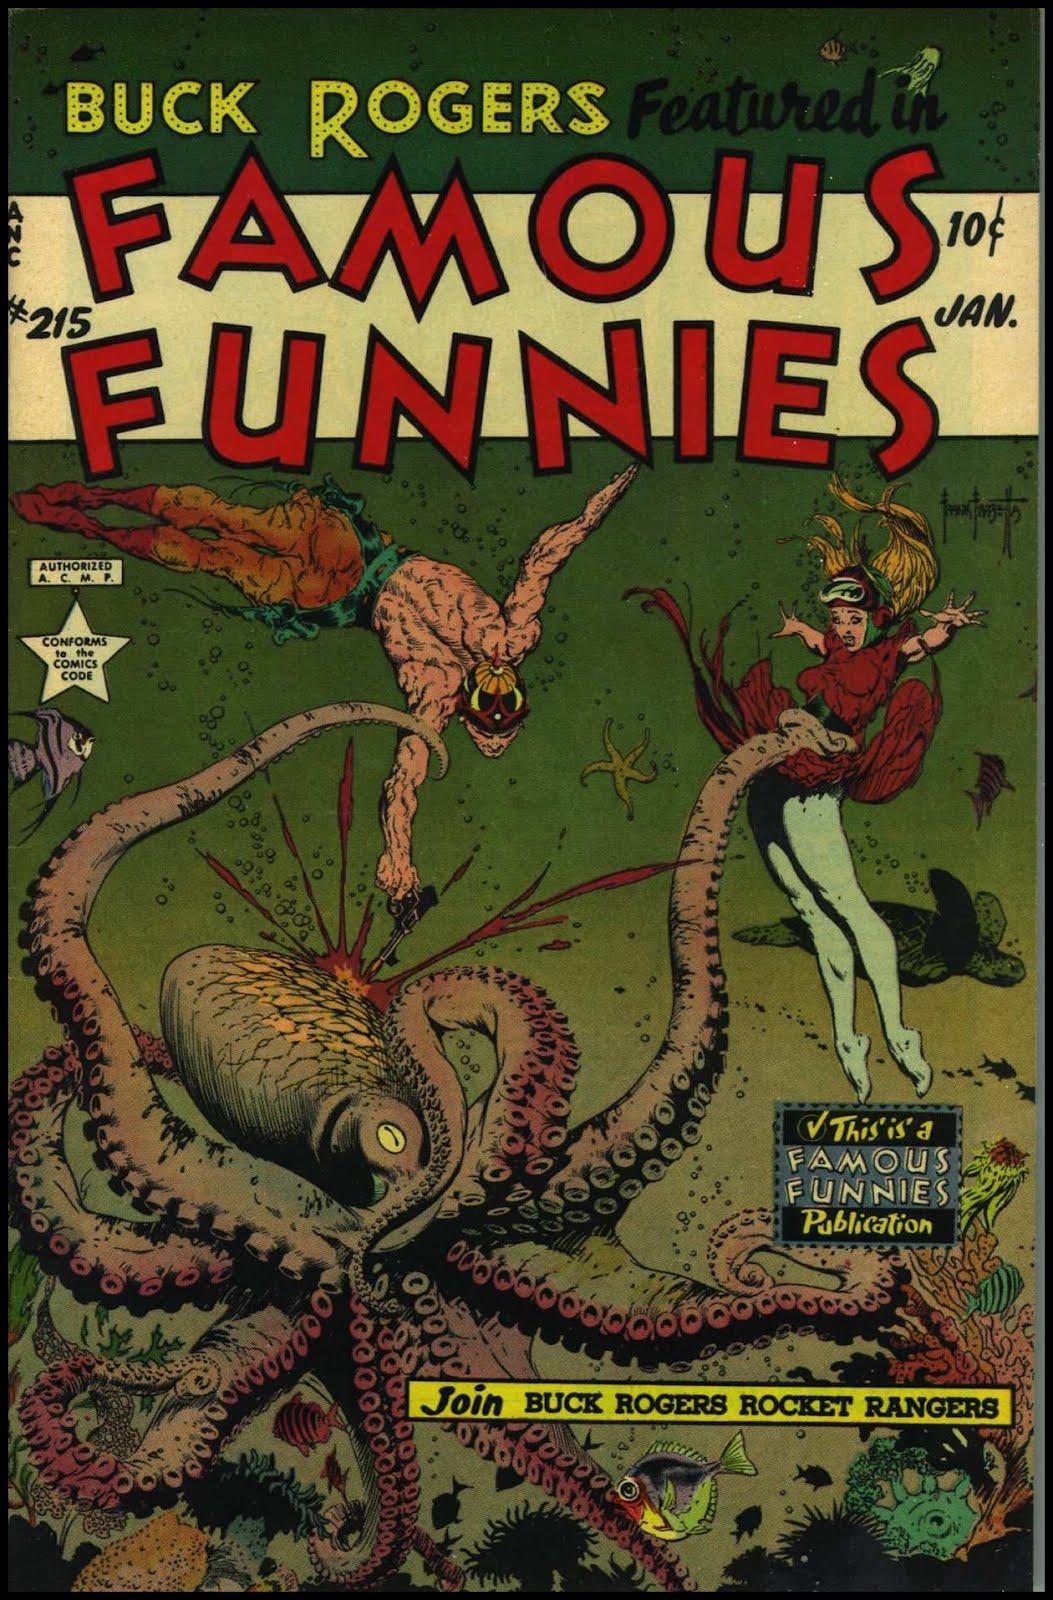 Vintage Pulp Famous Fantastic Mysteries Vol 10 No 5 June 1949 M.P. Shiel